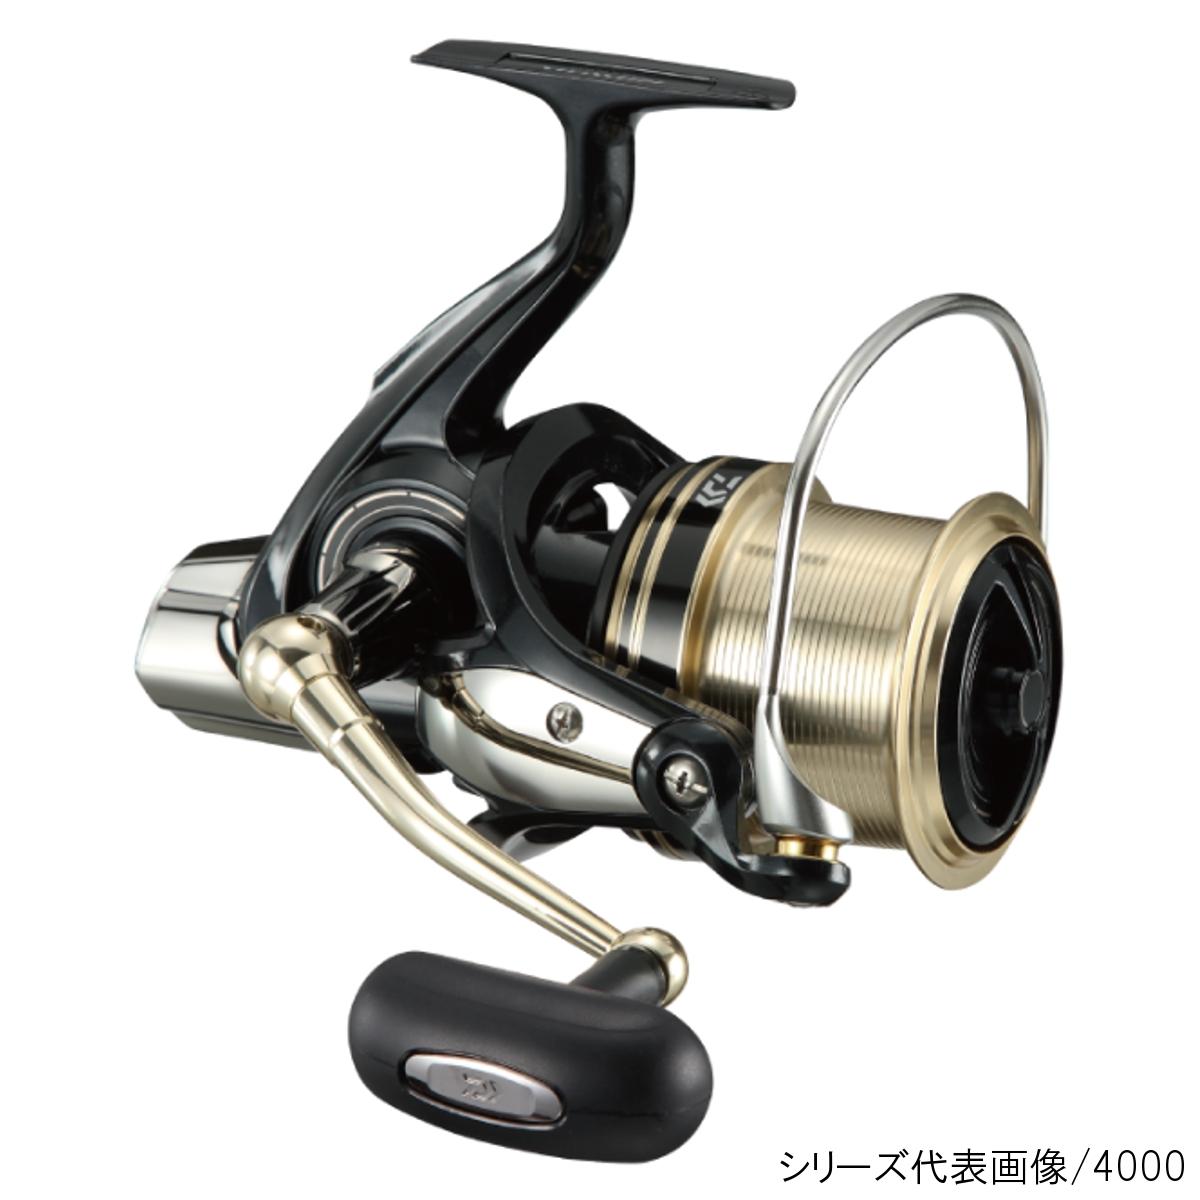 ダイワ ウインドキャスト 4500【送料無料】